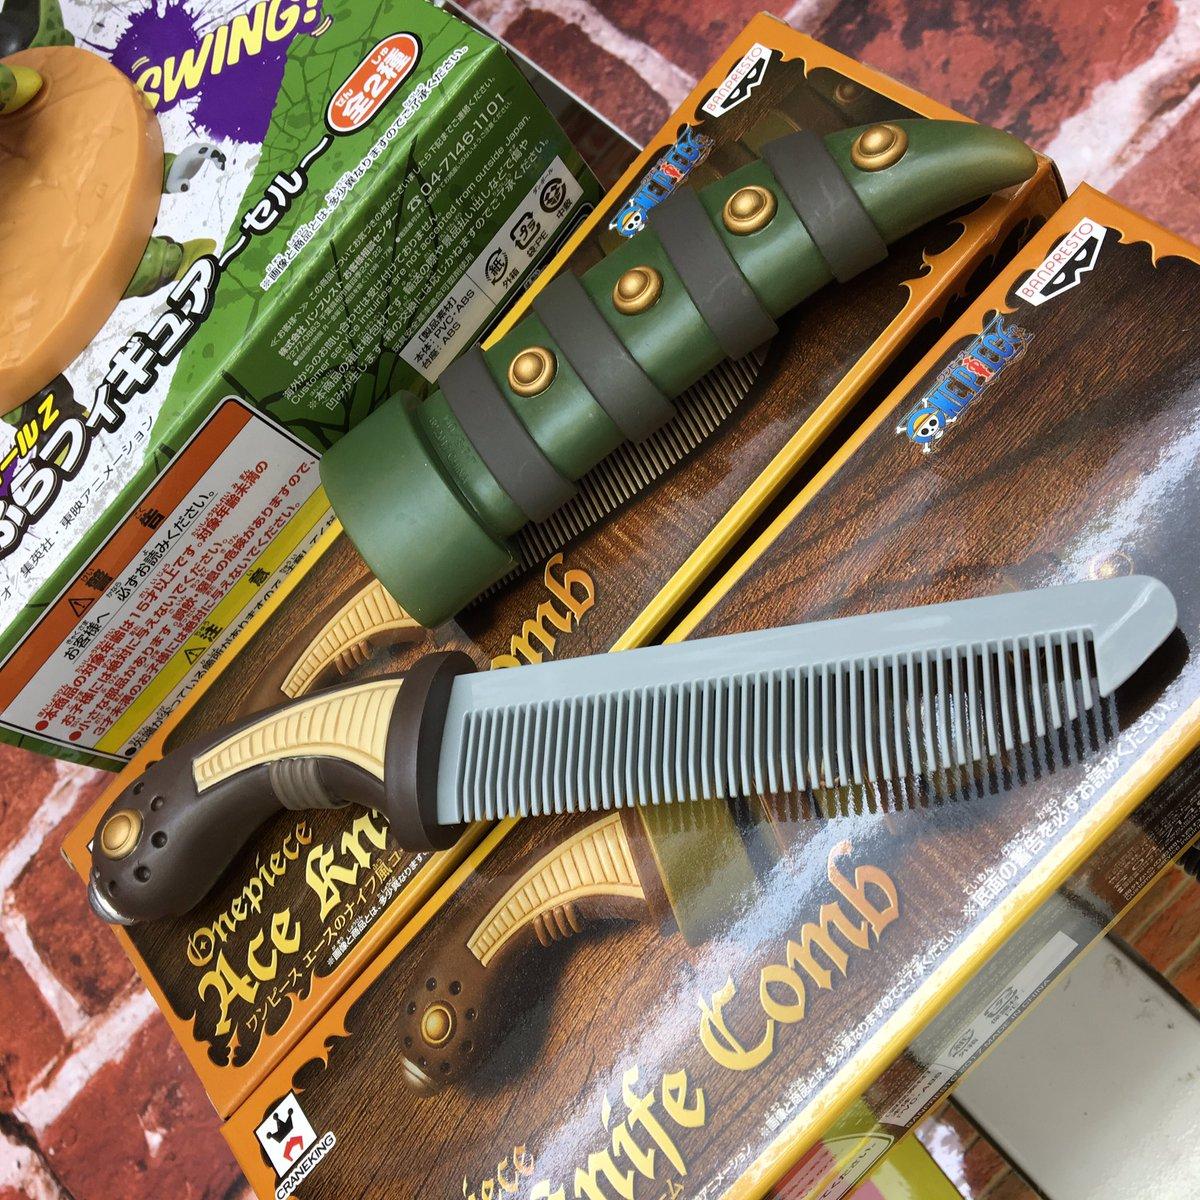 エースのナイフ風コームも登場(「・ω・)「ワンピース好きな女性ファン必携アイテム!?エースのナイフってところがナイスチョ